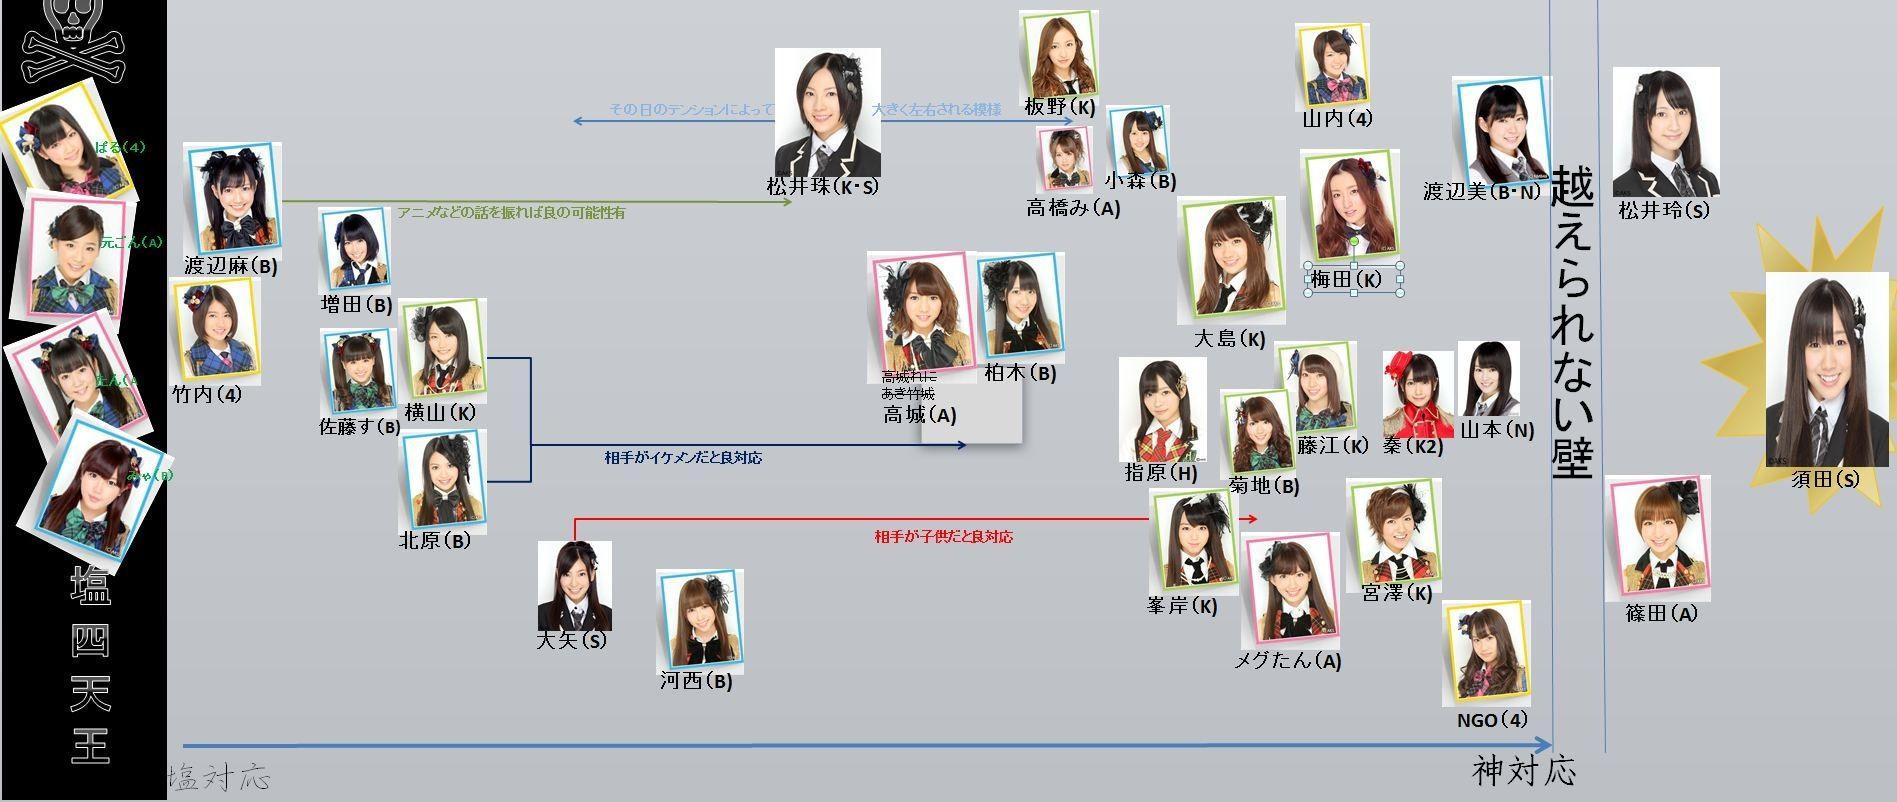 ファンが作成したAKB48メンバー...